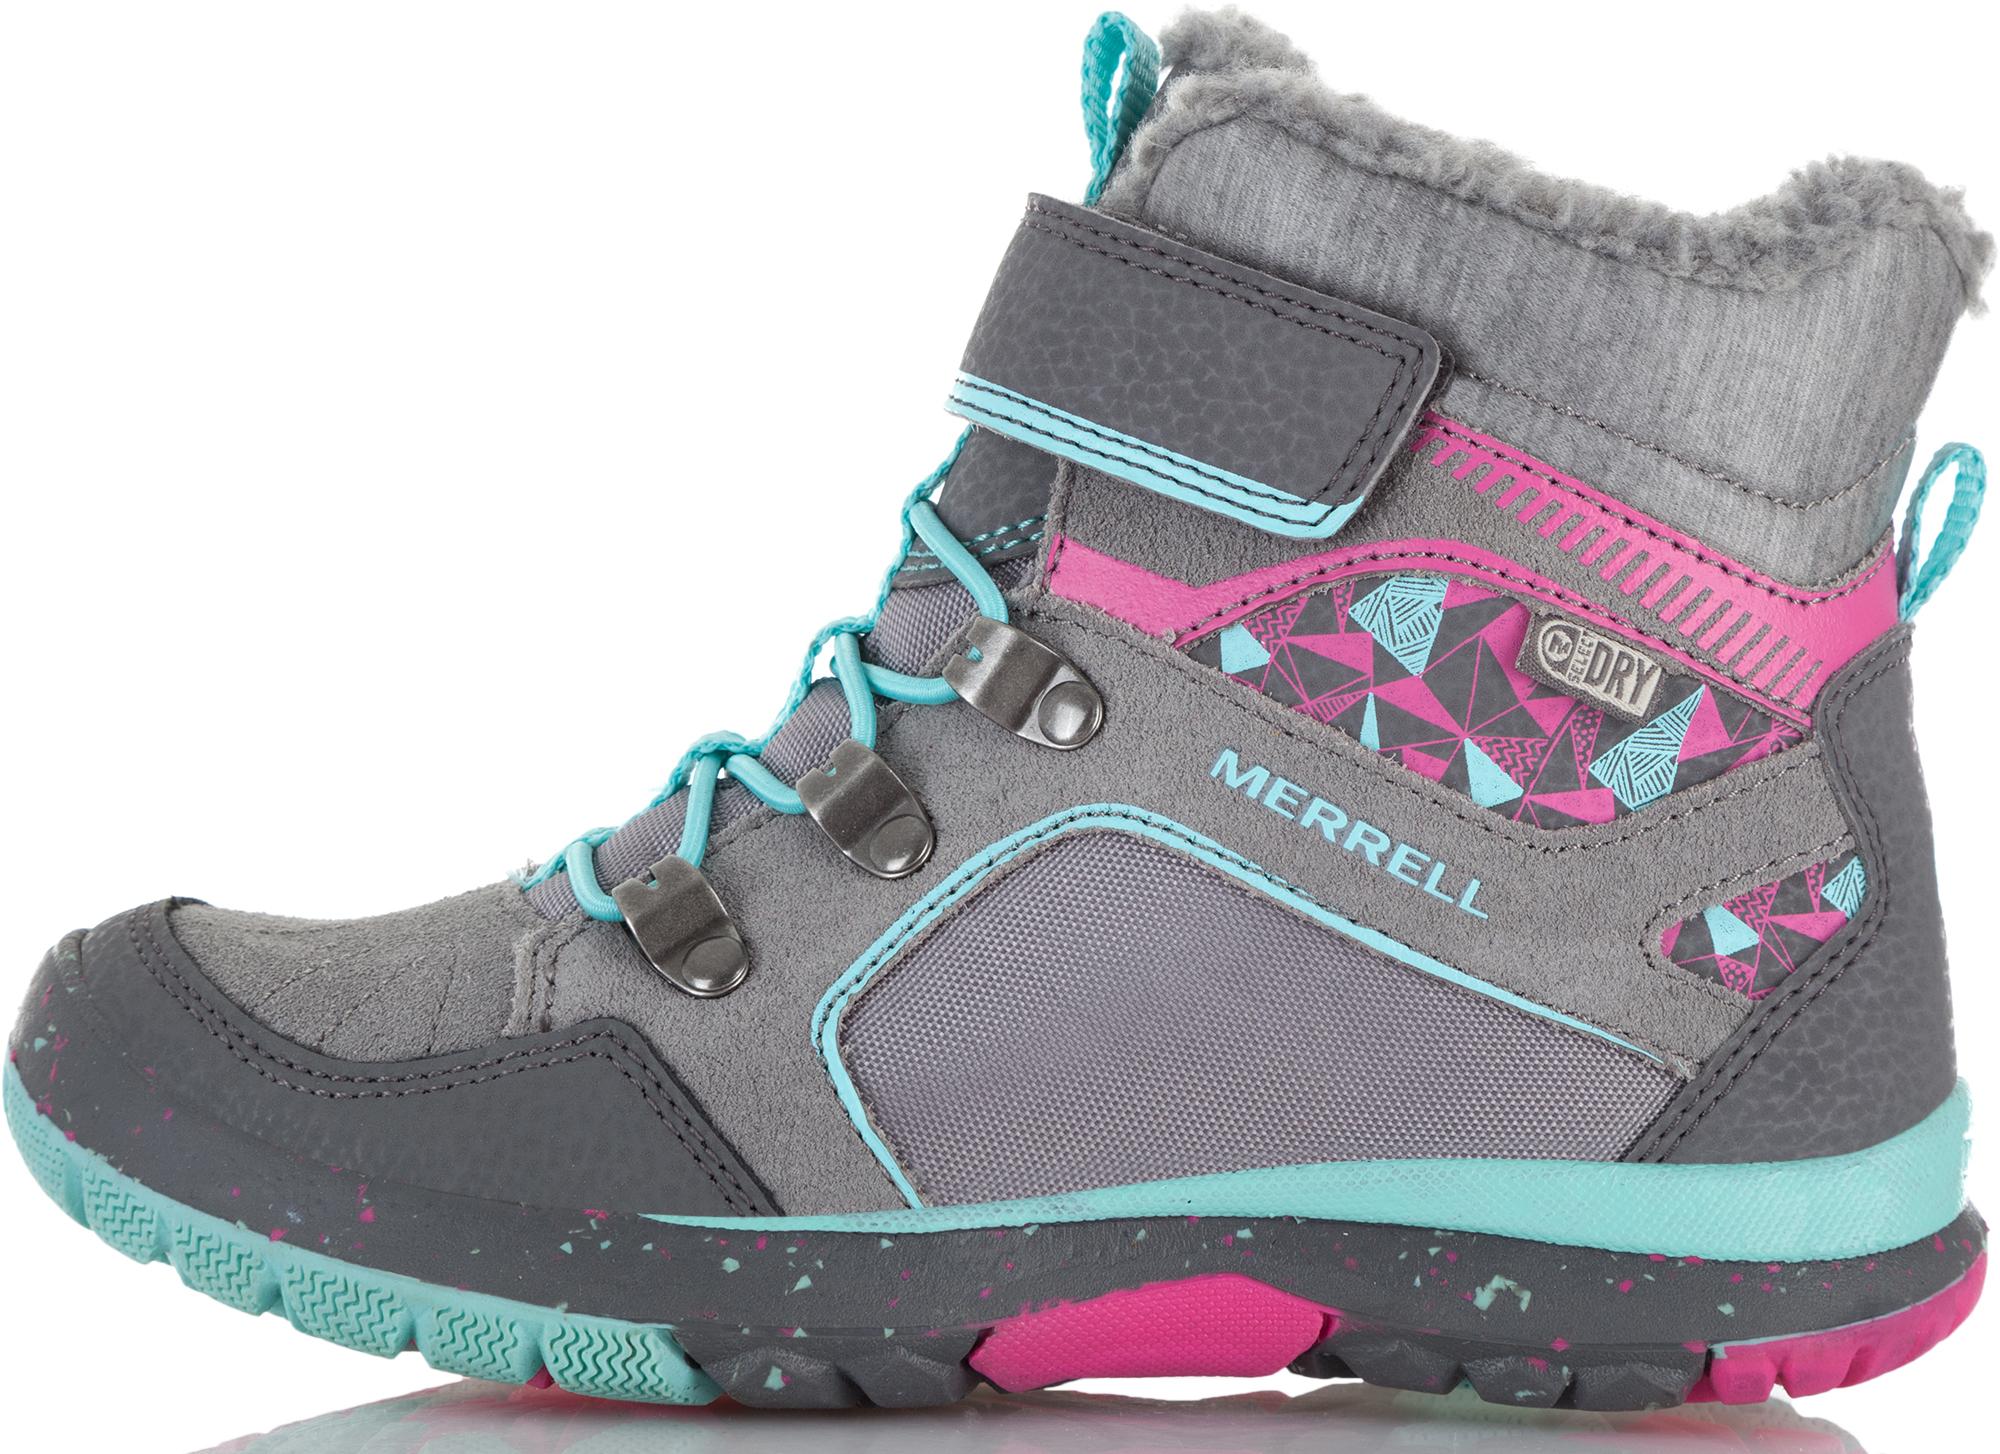 Merrell Ботинки утепленные для девочек Merrell Moab Fst Polar, размер 28,5 цена